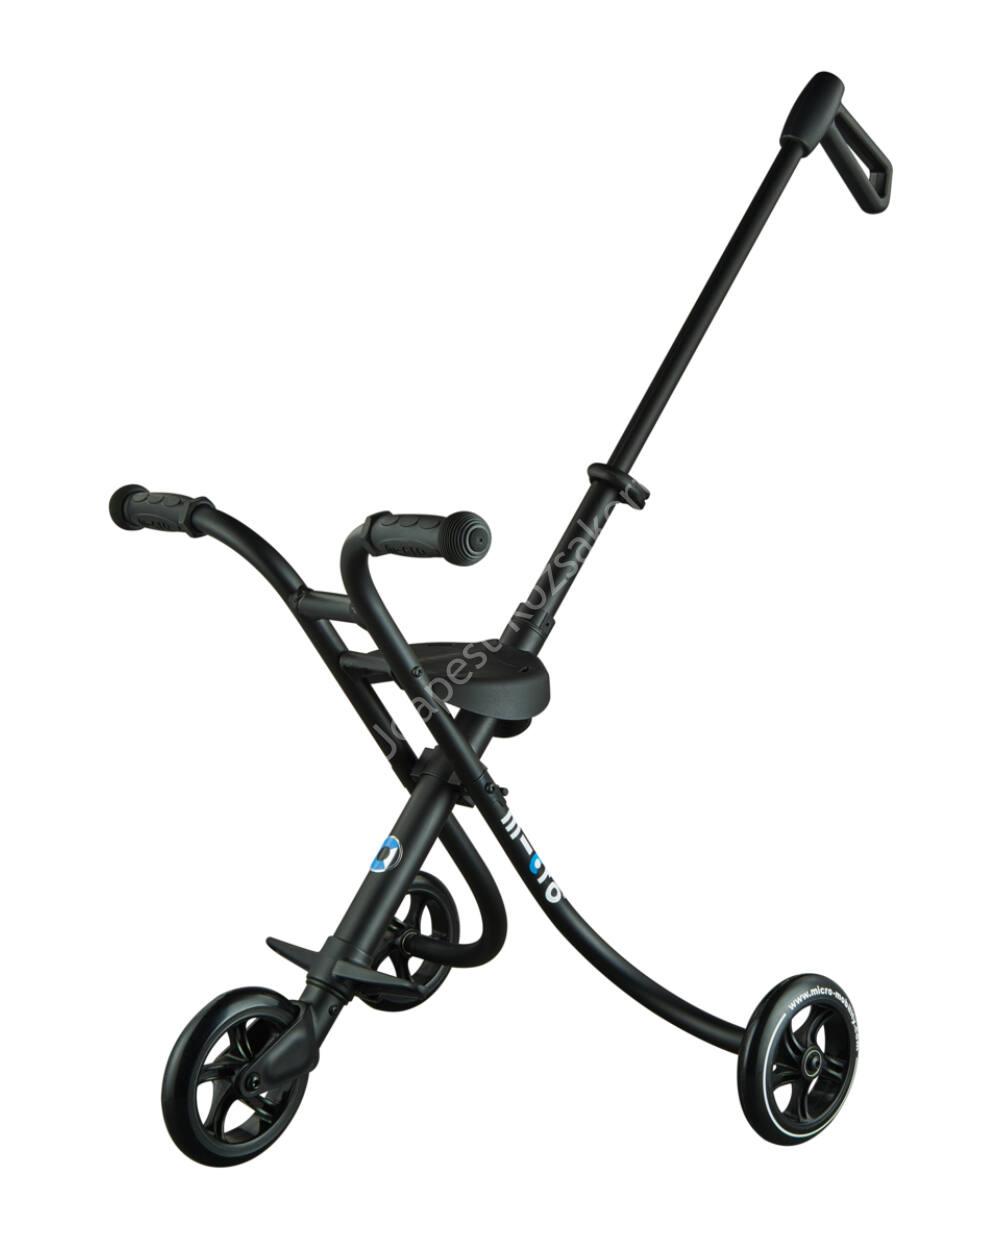 Micro Trike XL háromkerekű, tologatható tricikli, fekete